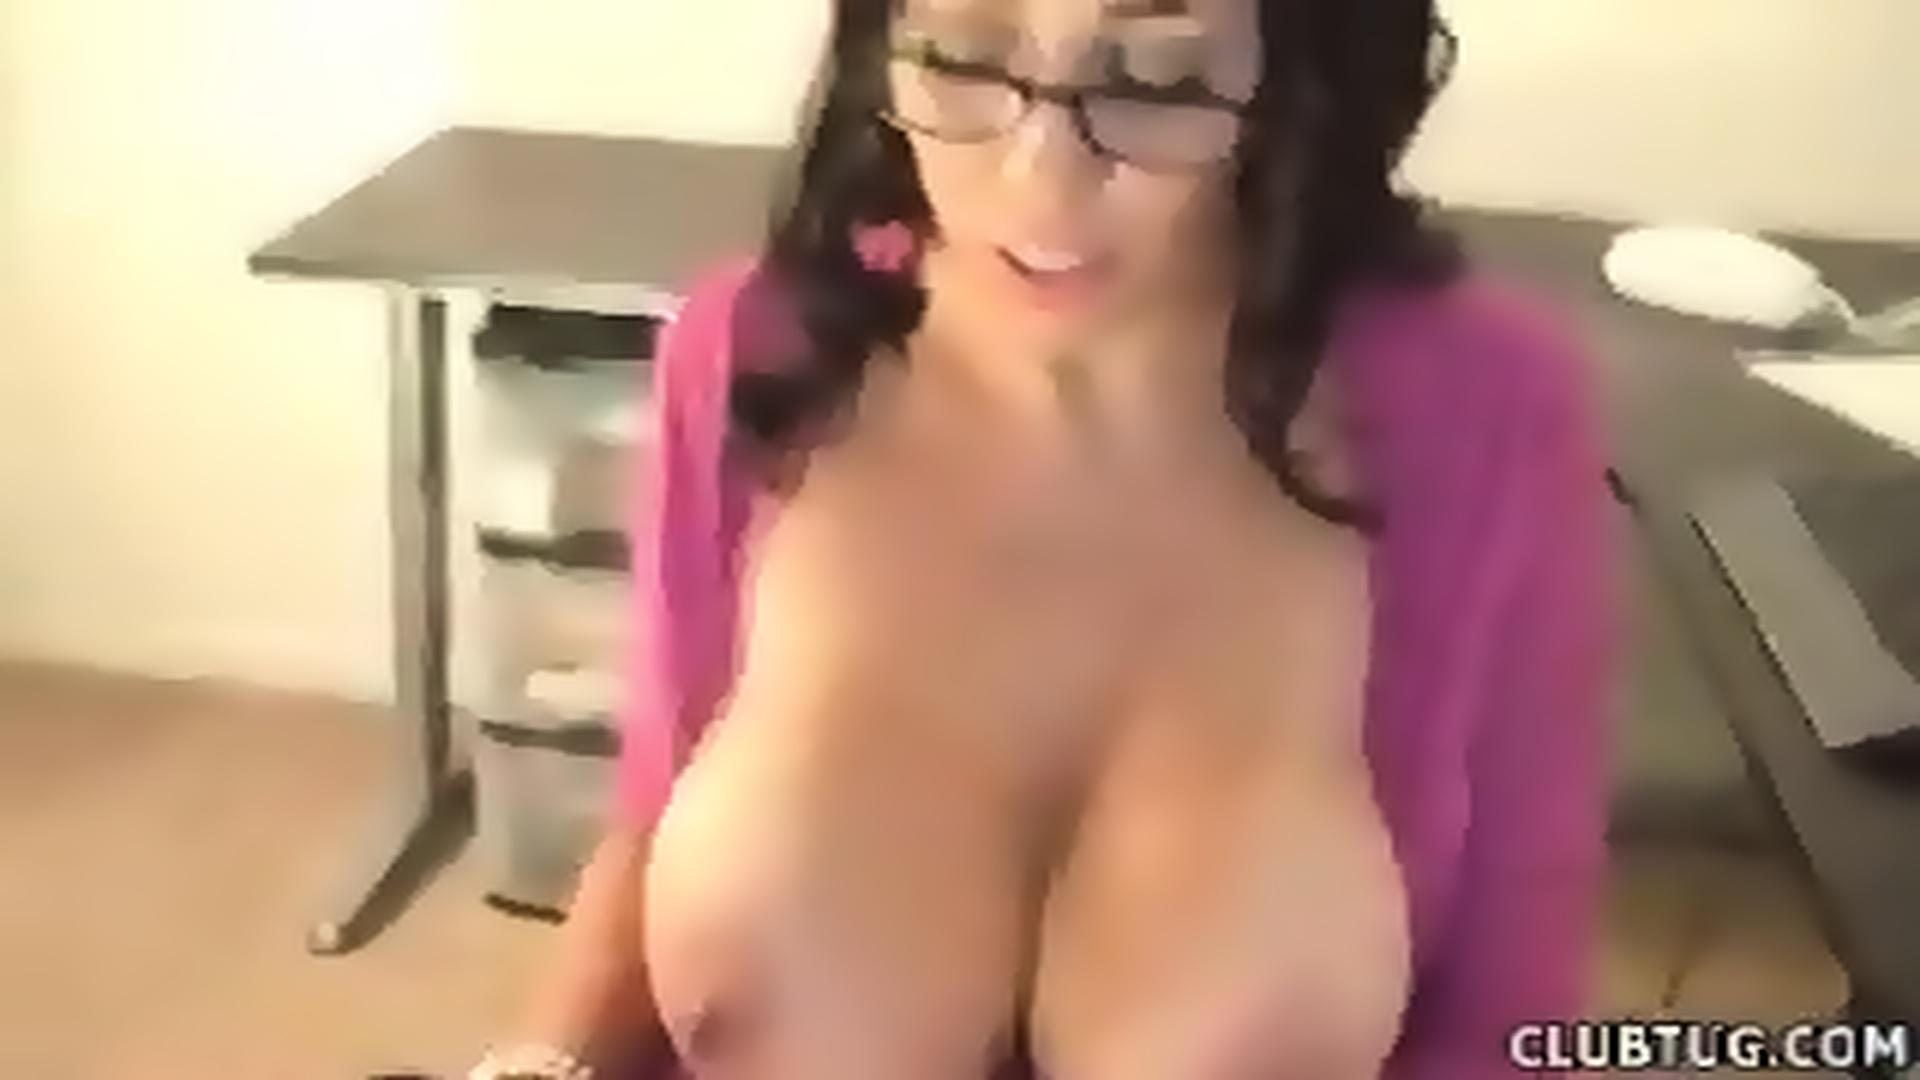 Sex erotica female pictures